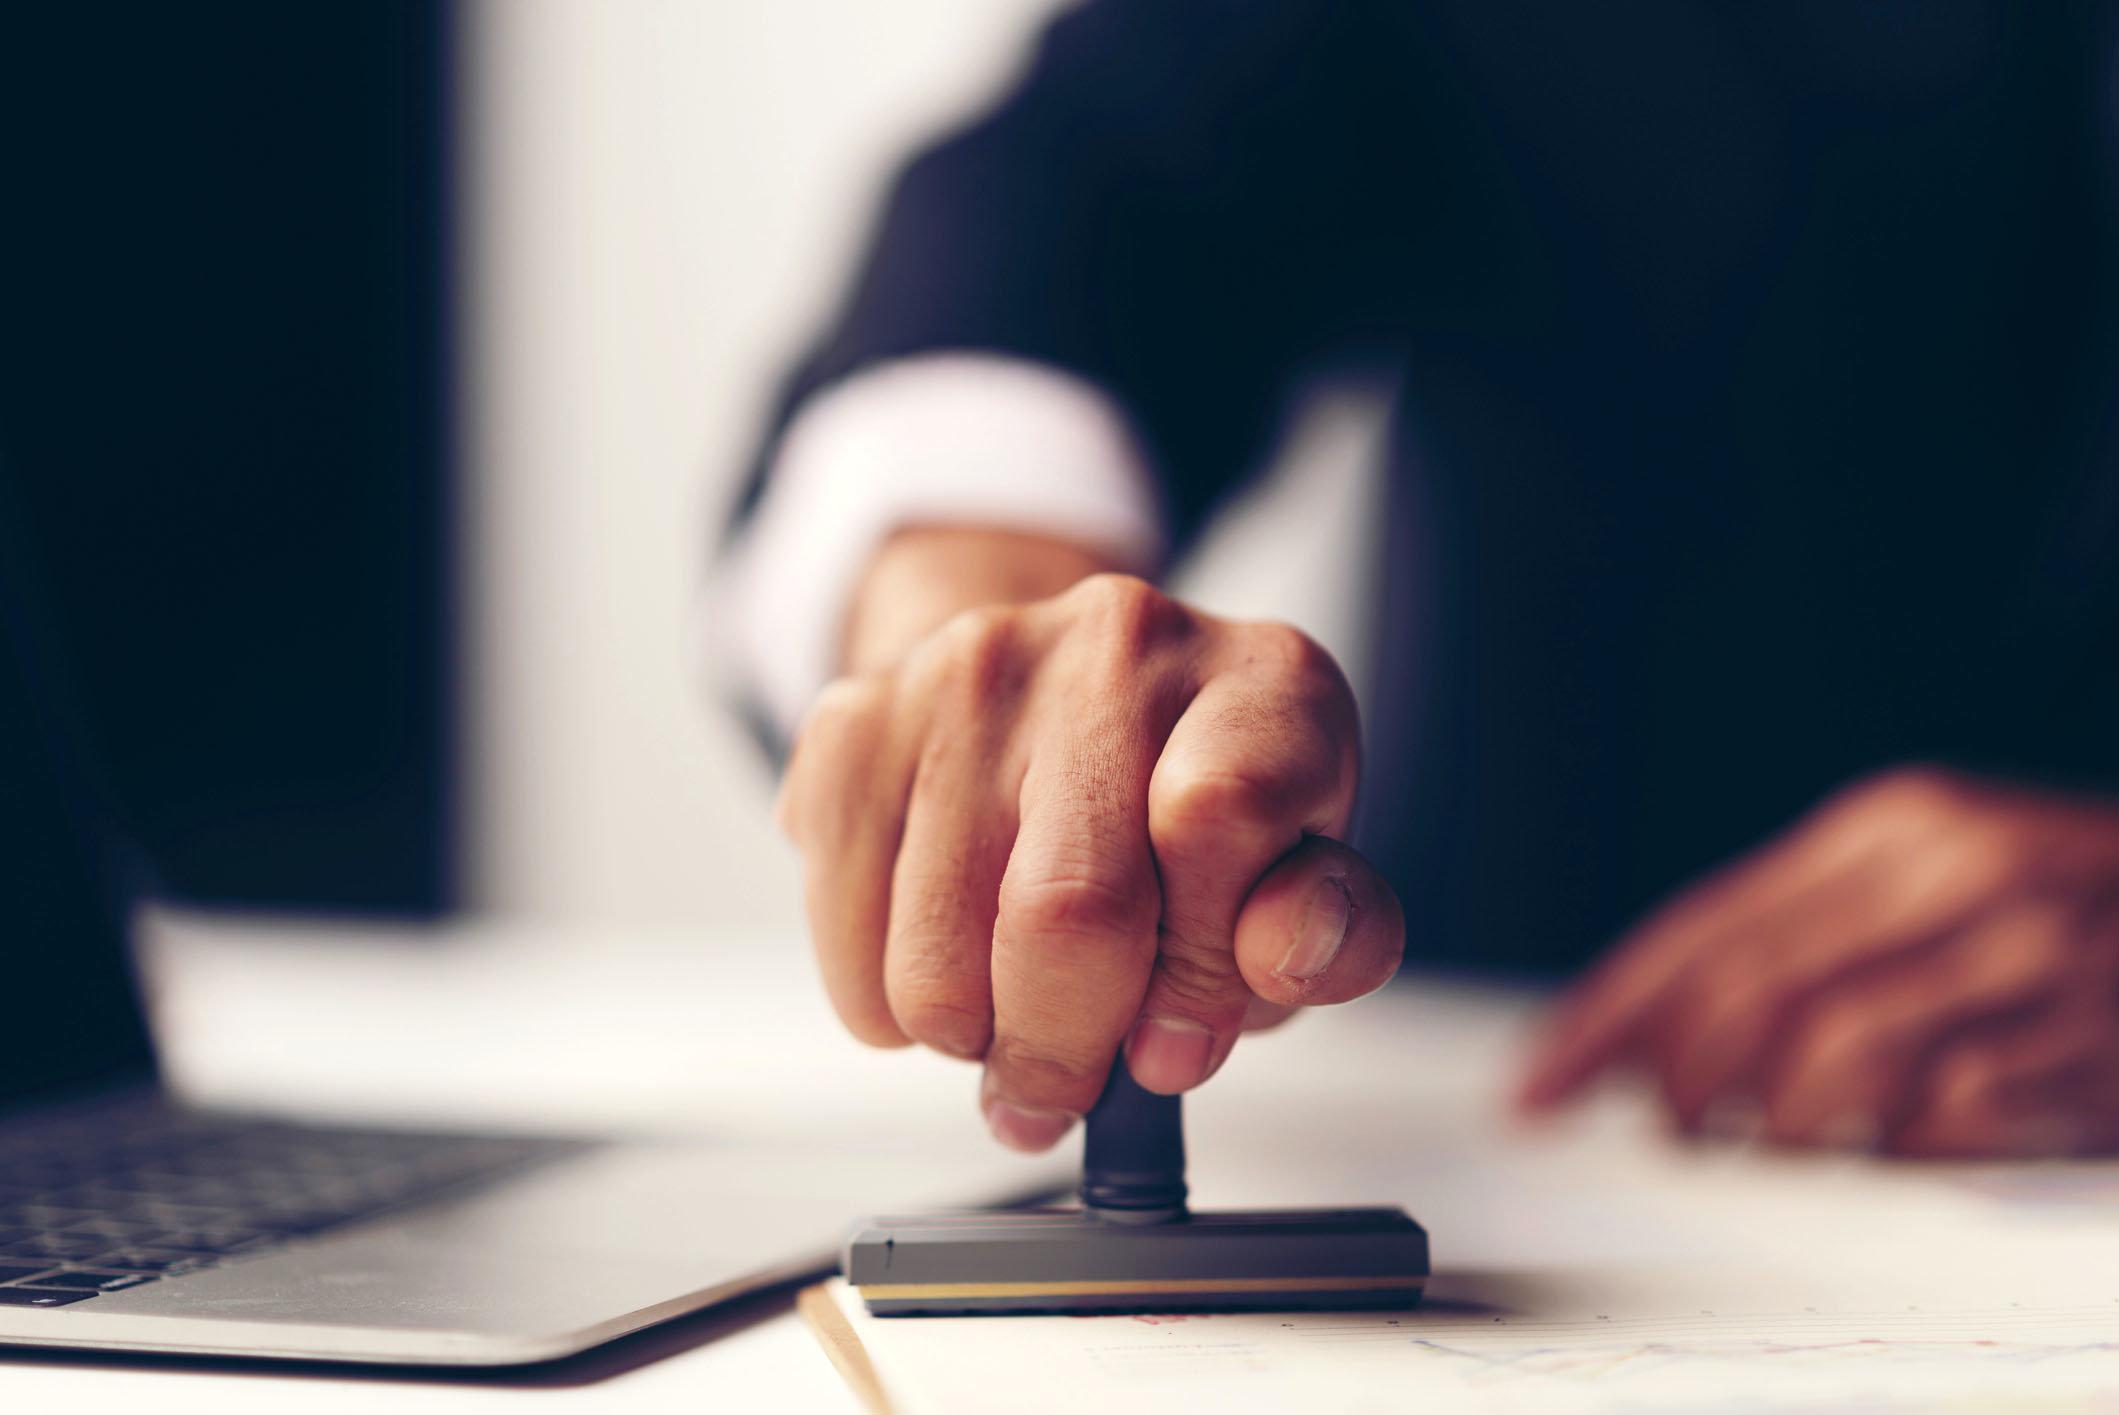 Нотариусы смогут устанавливать личность по отпечаткам пальцев